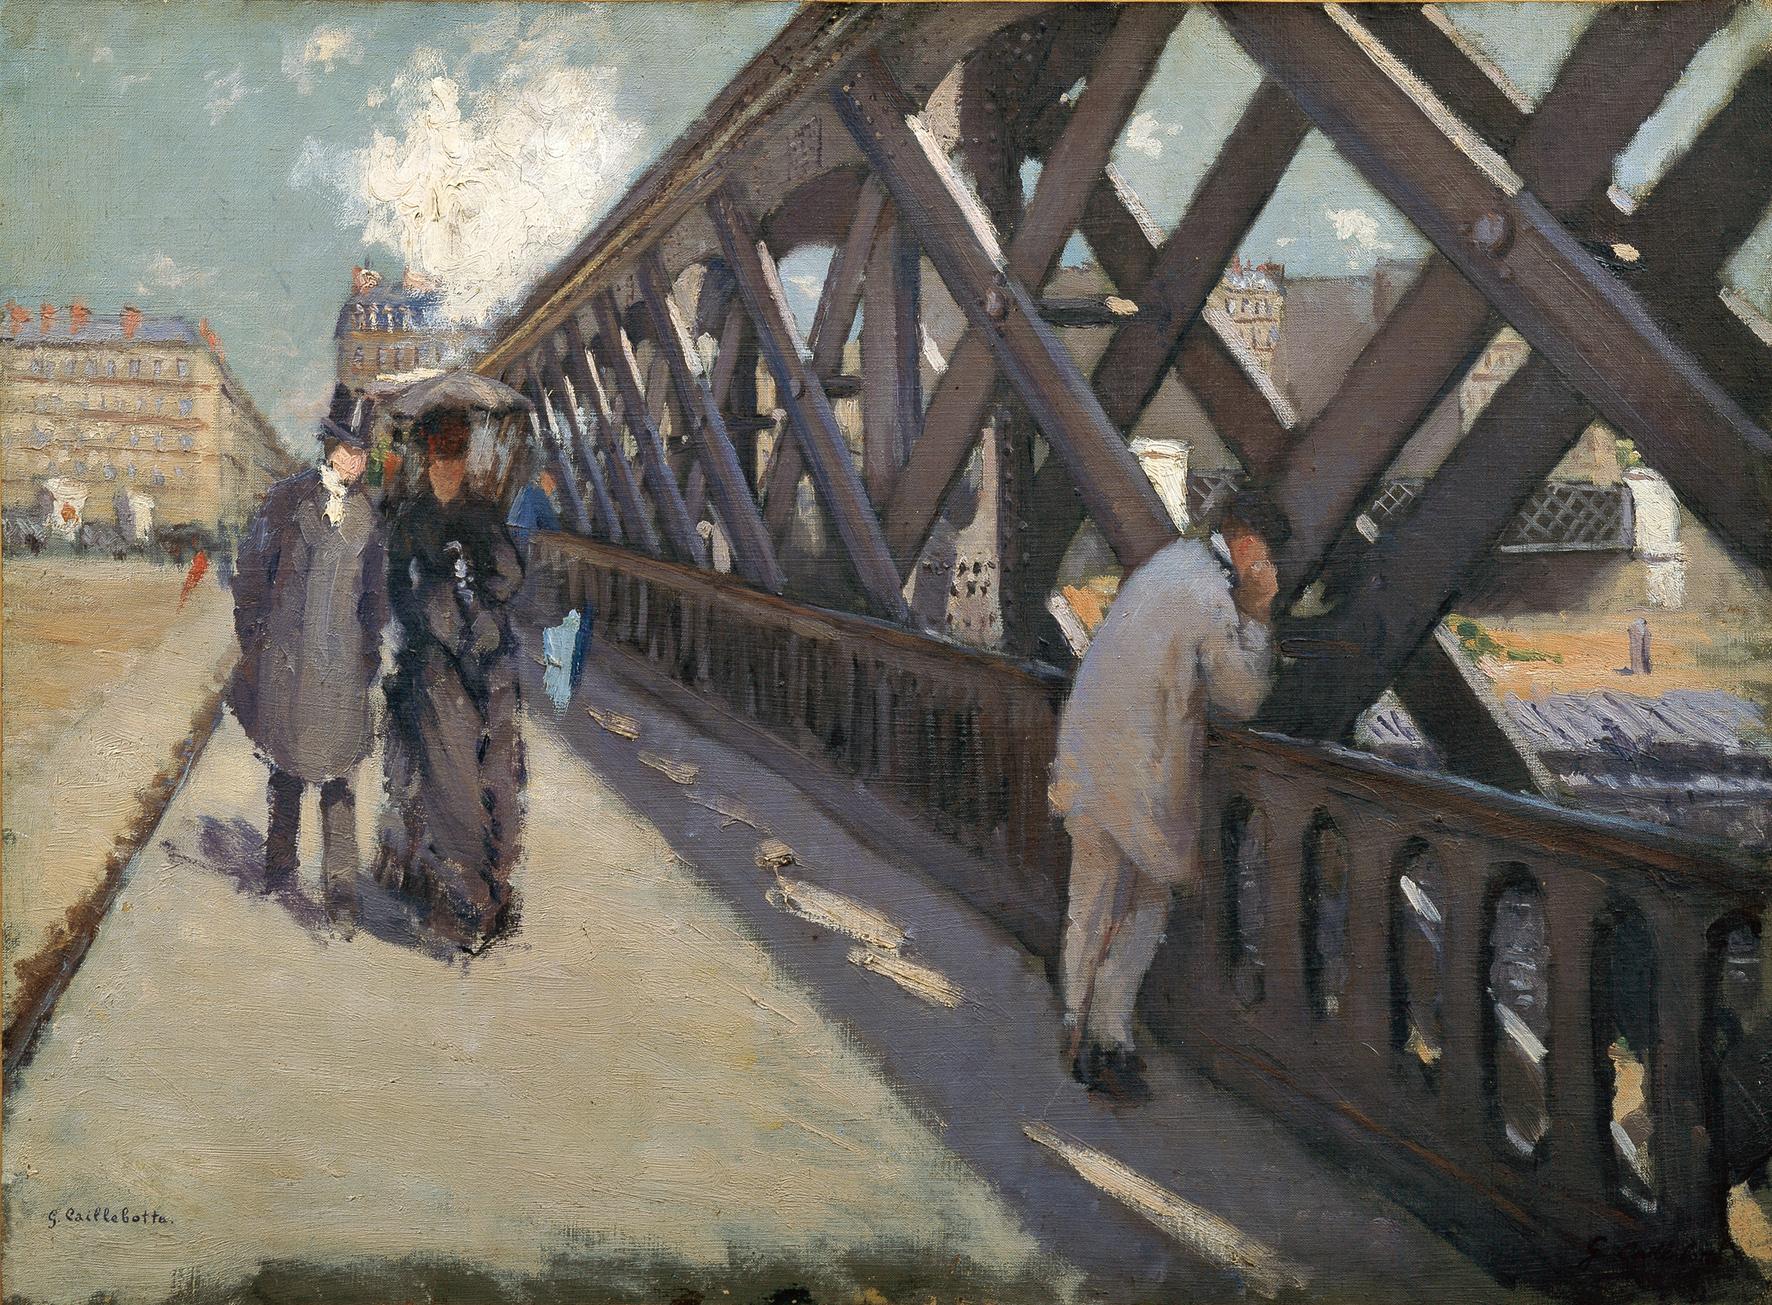 Caillebotte - Pont de l'Europe